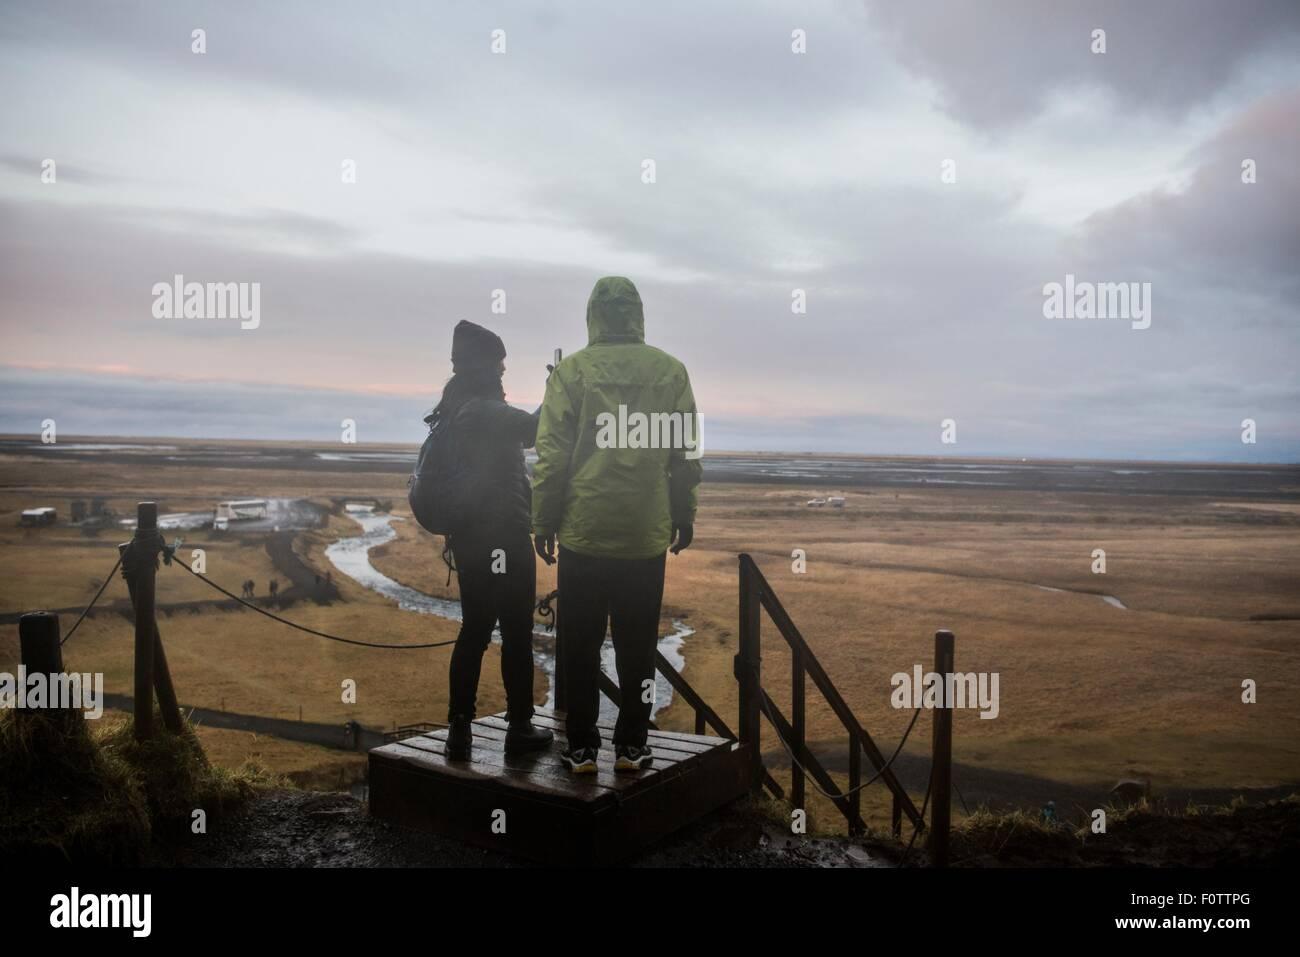 Hombres y mujeres turistas tomando fotografías desde la plataforma de observación de Seljalandsfoss, Islandia Imagen De Stock